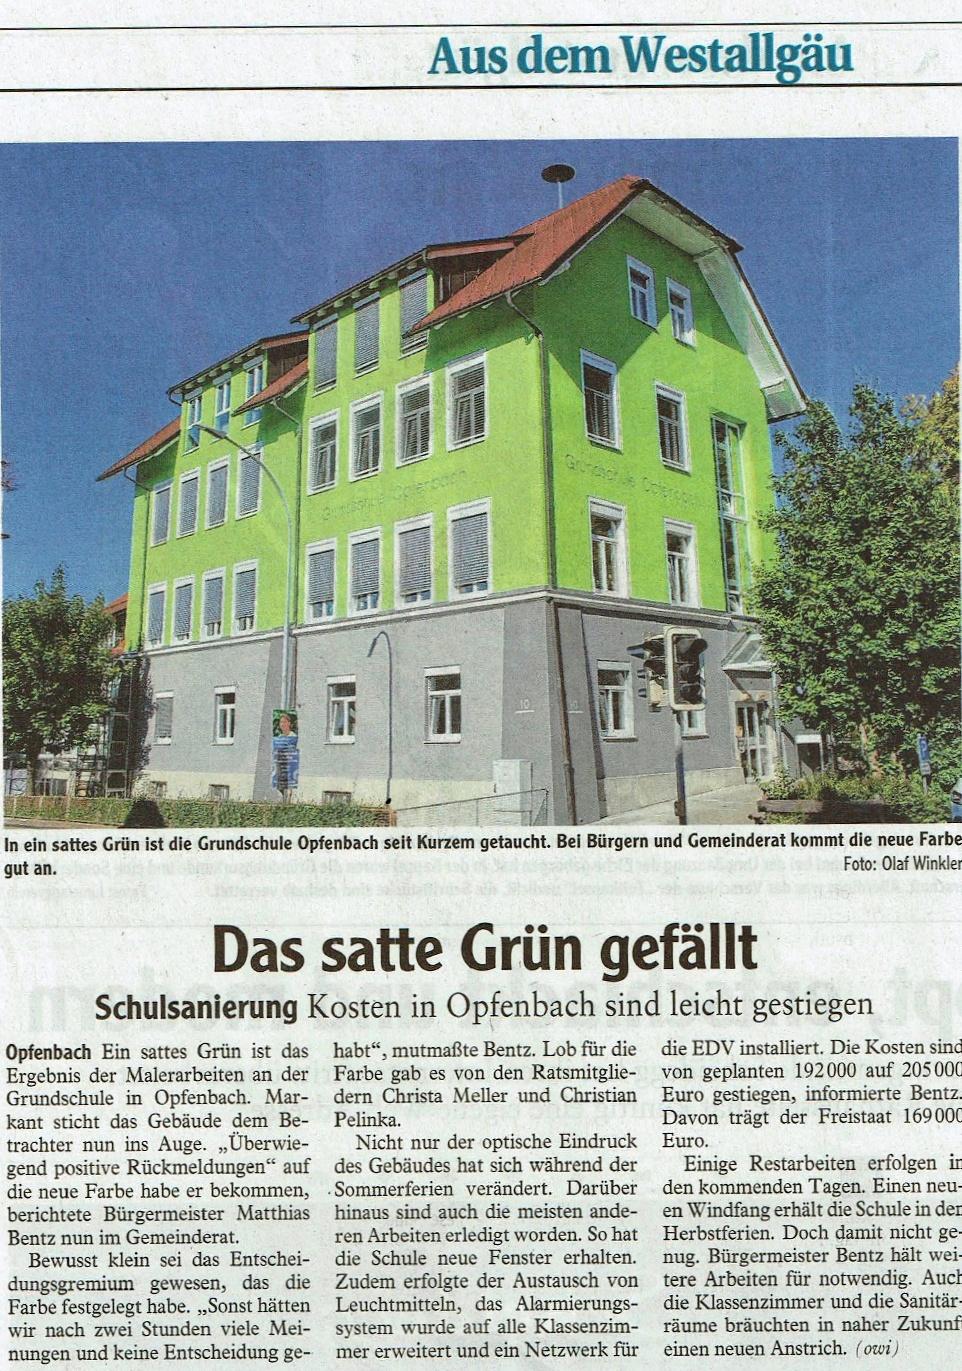 Energetische Sanierung Grundschule in Opfenbach - Bericht Westallgäuer Zeitung